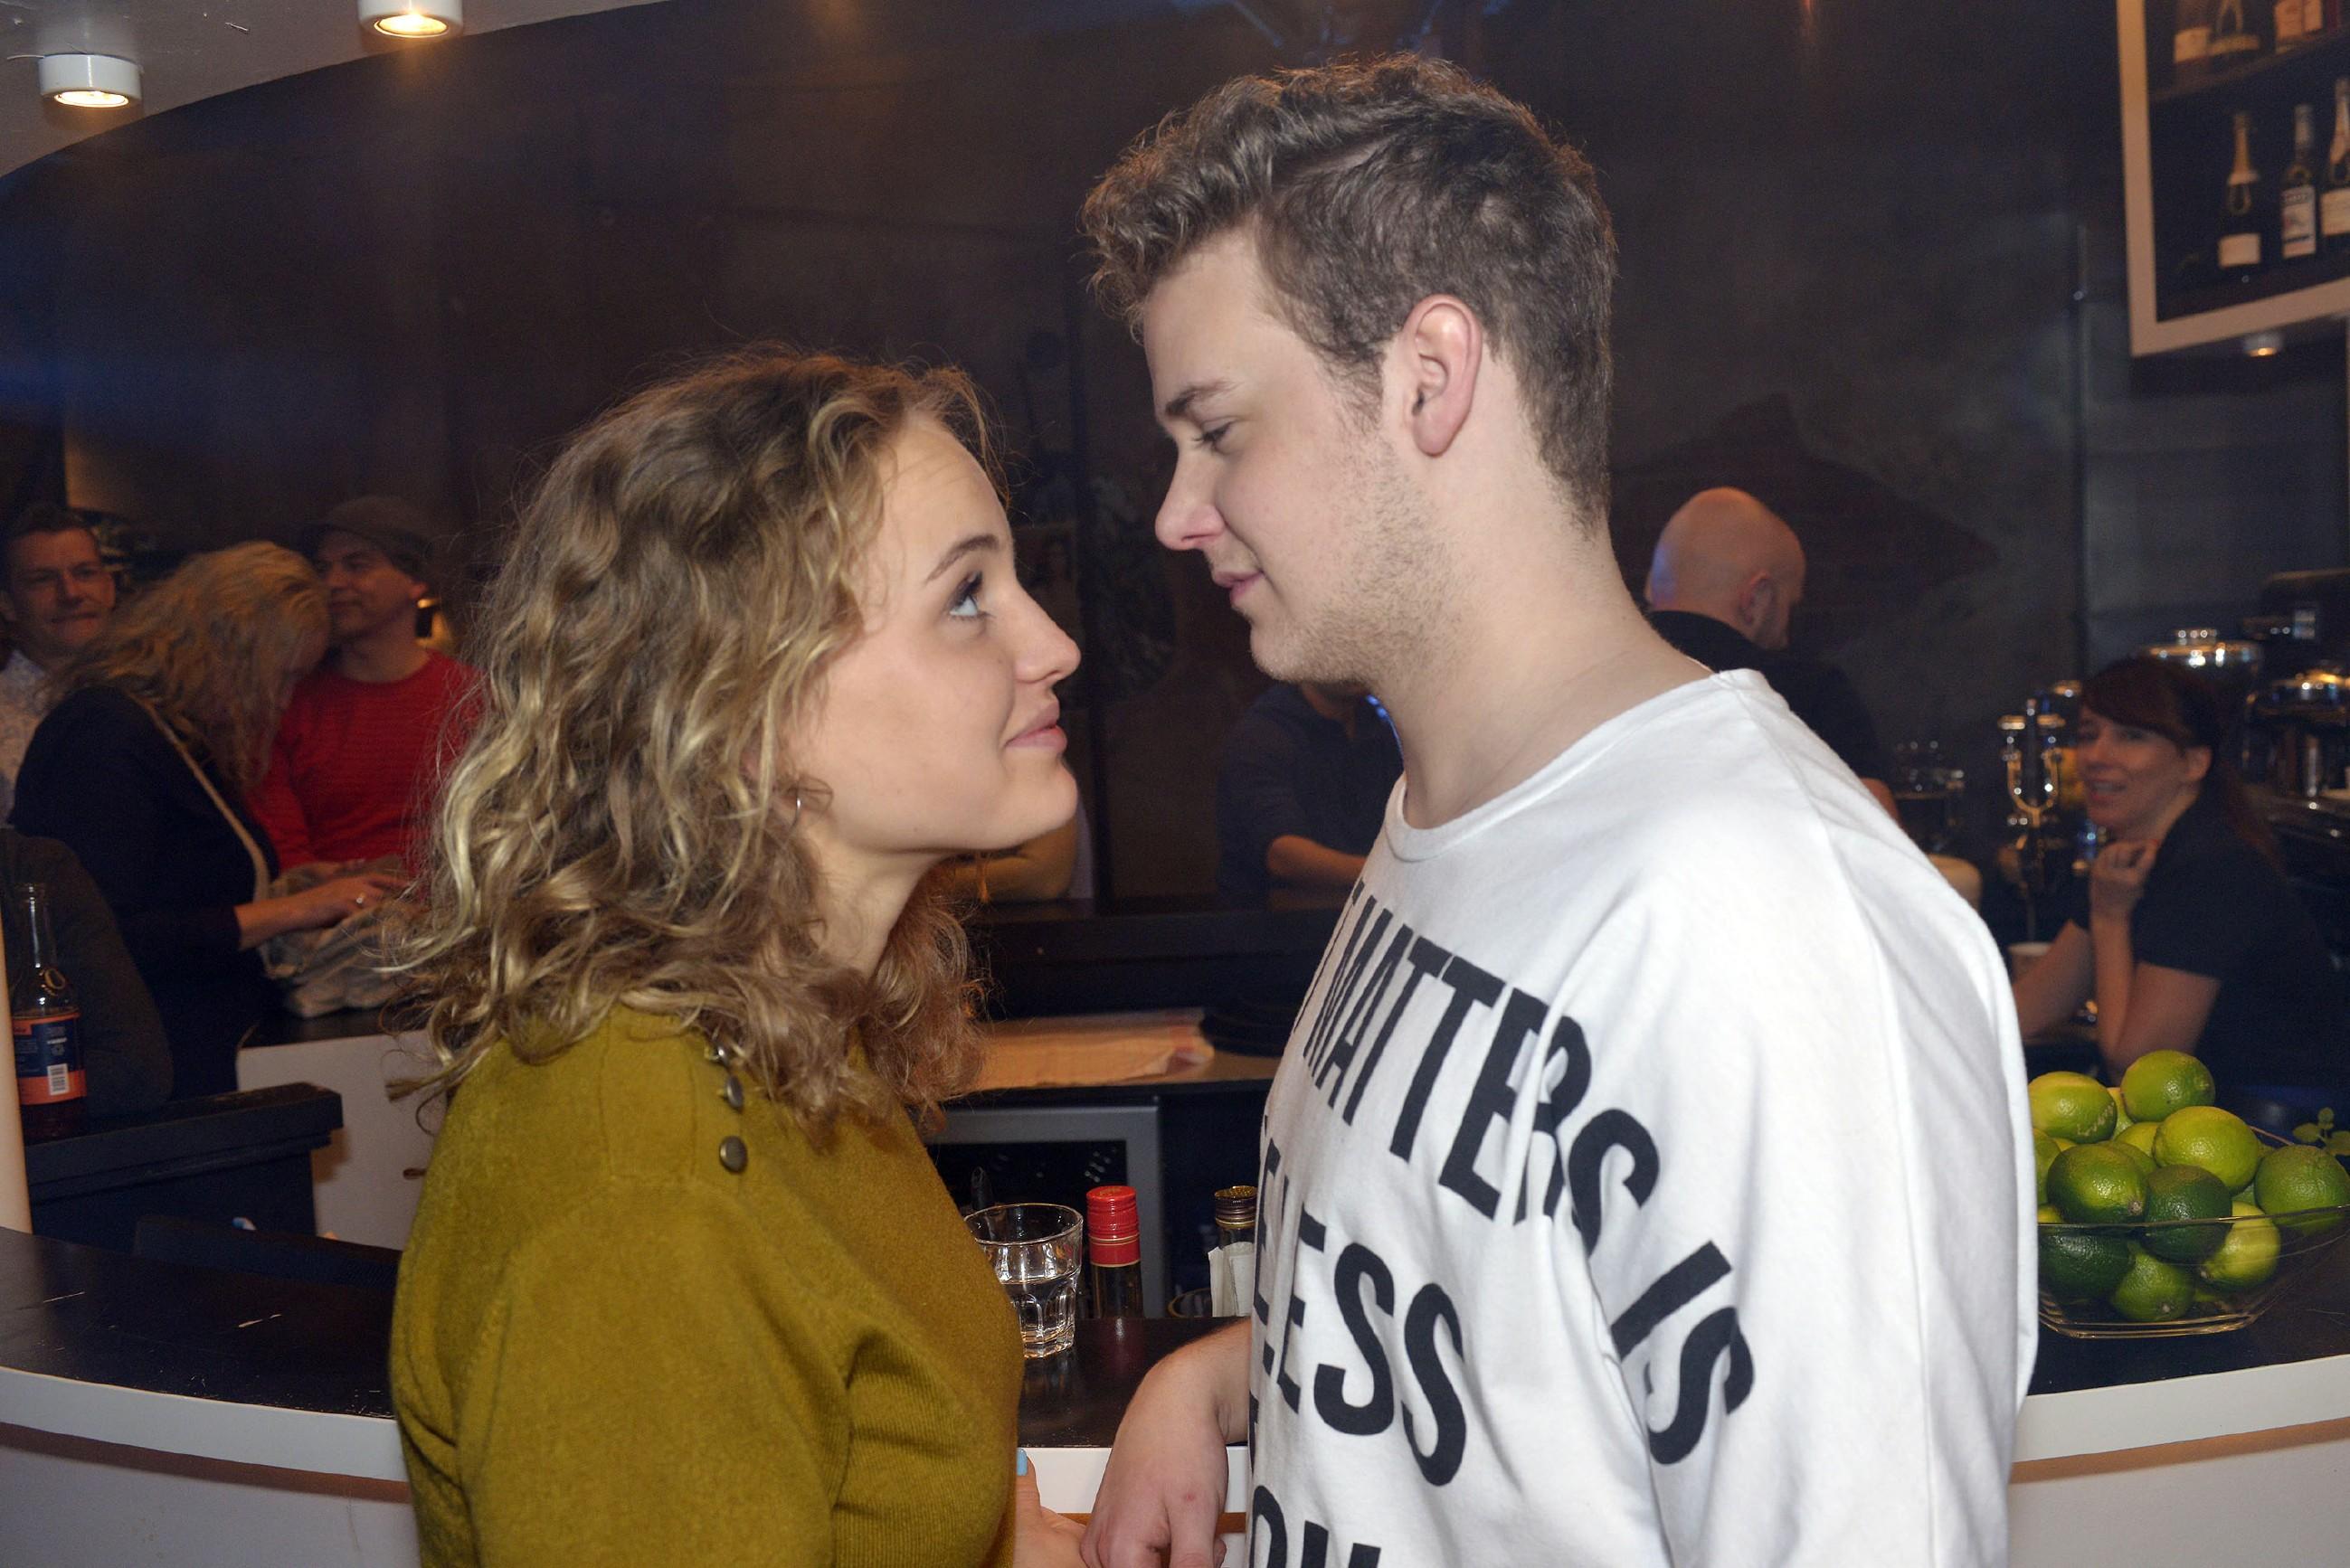 Um sich ihre Unabhängigkeit zu beweisen, macht Jule (Luise von Finckh) im Mauerwerk Party und flirtet mit Jonas (Felix van Deventer). (Quelle: RTL / Rolf Baumgartner)